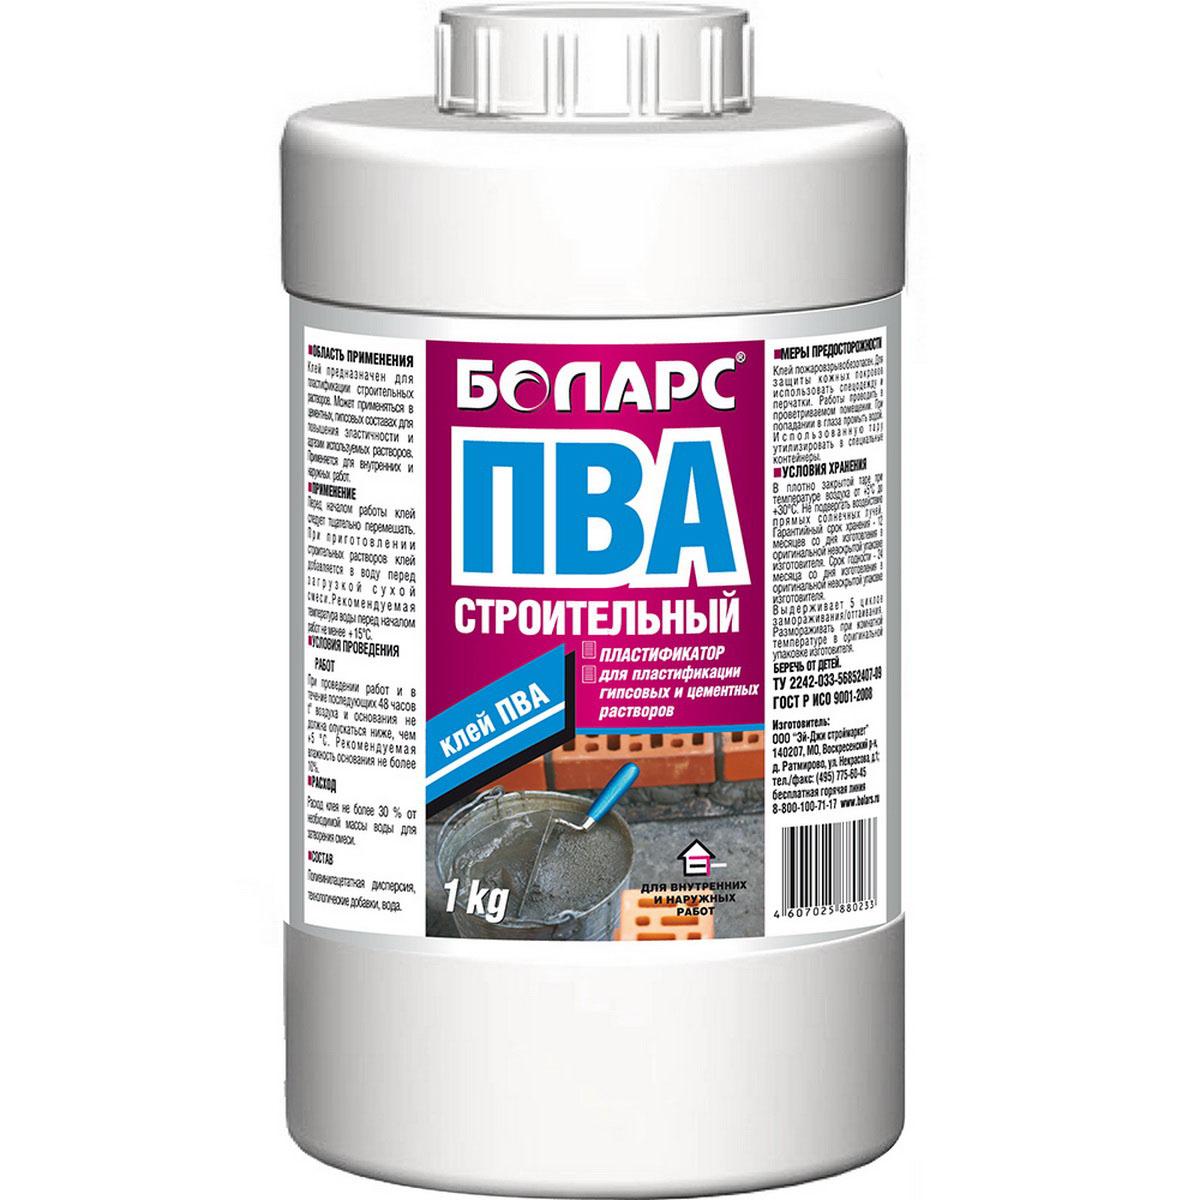 Клей ПВА Боларс, пластификатор, 1 кг00000000435Клей ПВА Боларс предназначен для пластификации строительных растворов. Может применяться в цементных, гипсовых составах для повышения эластичности и адгезии используемых растворов. Подходит для внутренних и наружных работ. Состав: поливинилацетатная дисперсия, технологические добавки, вода.Цвет: белый.pH: 5,5-7,0.Расход: 200-300 г/л.Морозостойкость: 5 циклов.Температура проведения работ: +5°С +30°С.Температура эксплуатации: +5°С +40°С.Размораживать продукт следует при комнатной температуре в оригинальной таре изготовителя. Гарантийный срок хранения – 12 месяцев со дня изготовления, в оригинальной невскрытой упаковке изготовителя.Срок годности – 24 месяца со дня изготовления, в оригинальной невскрытой упаковке изготовителя.